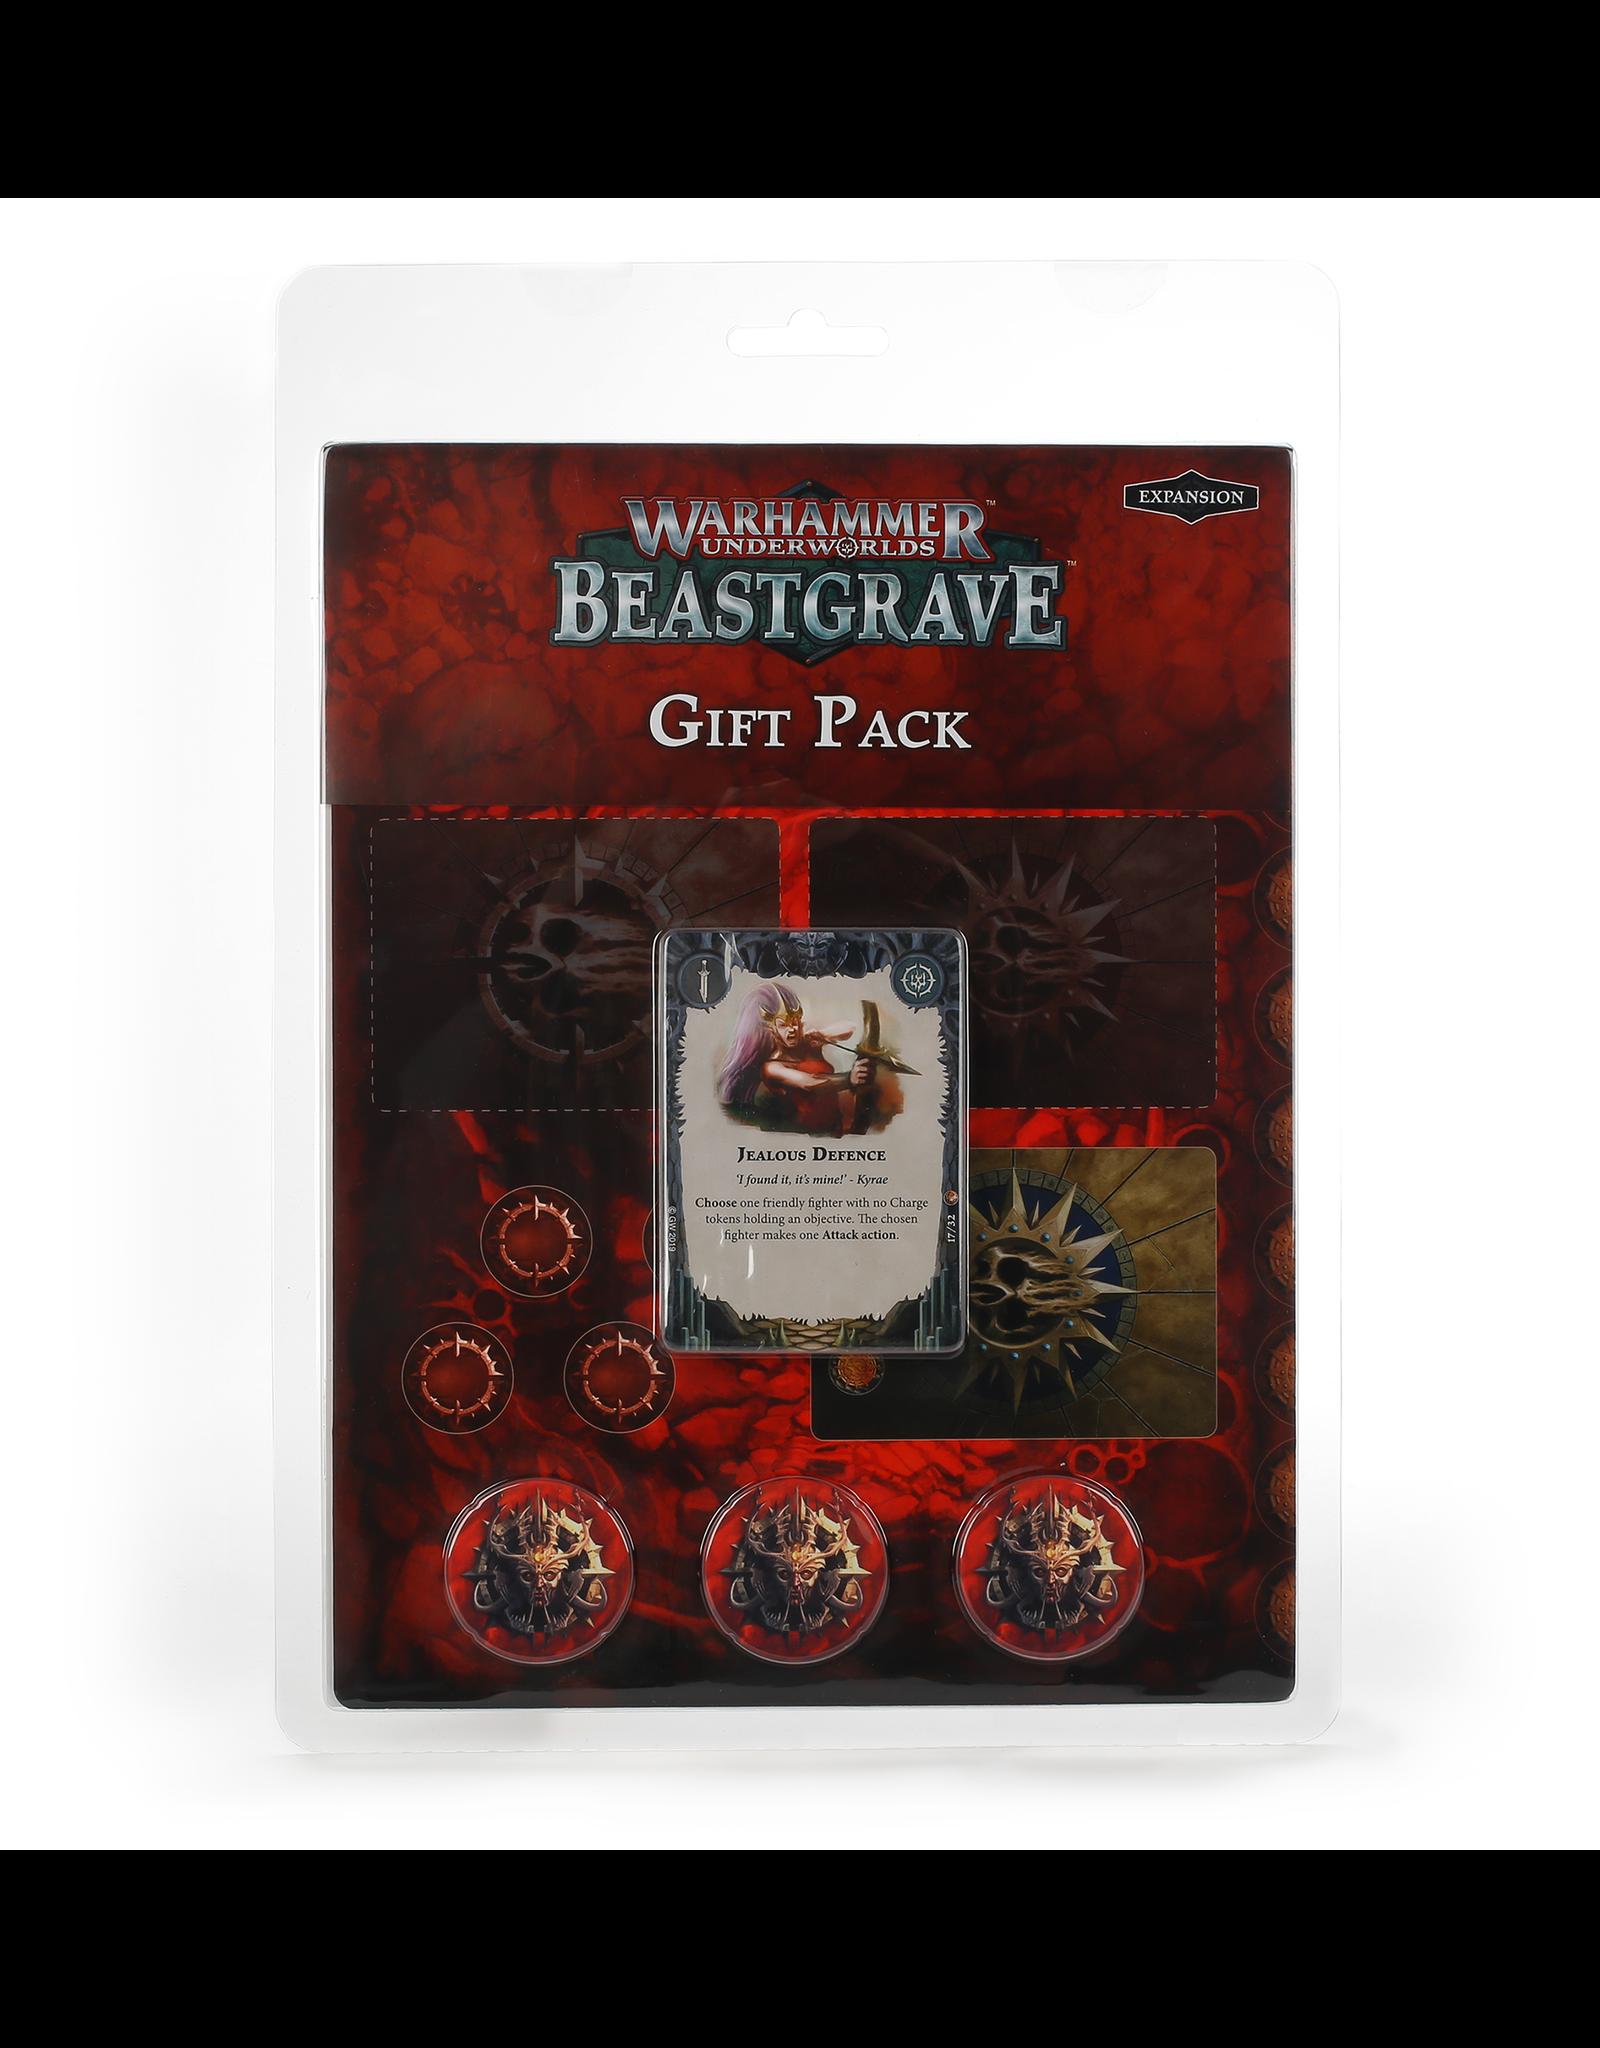 Warhammer Underworlds WARHAMMER UNDERWORLDS: BEASTGRAVE GIFT PACK (EN)